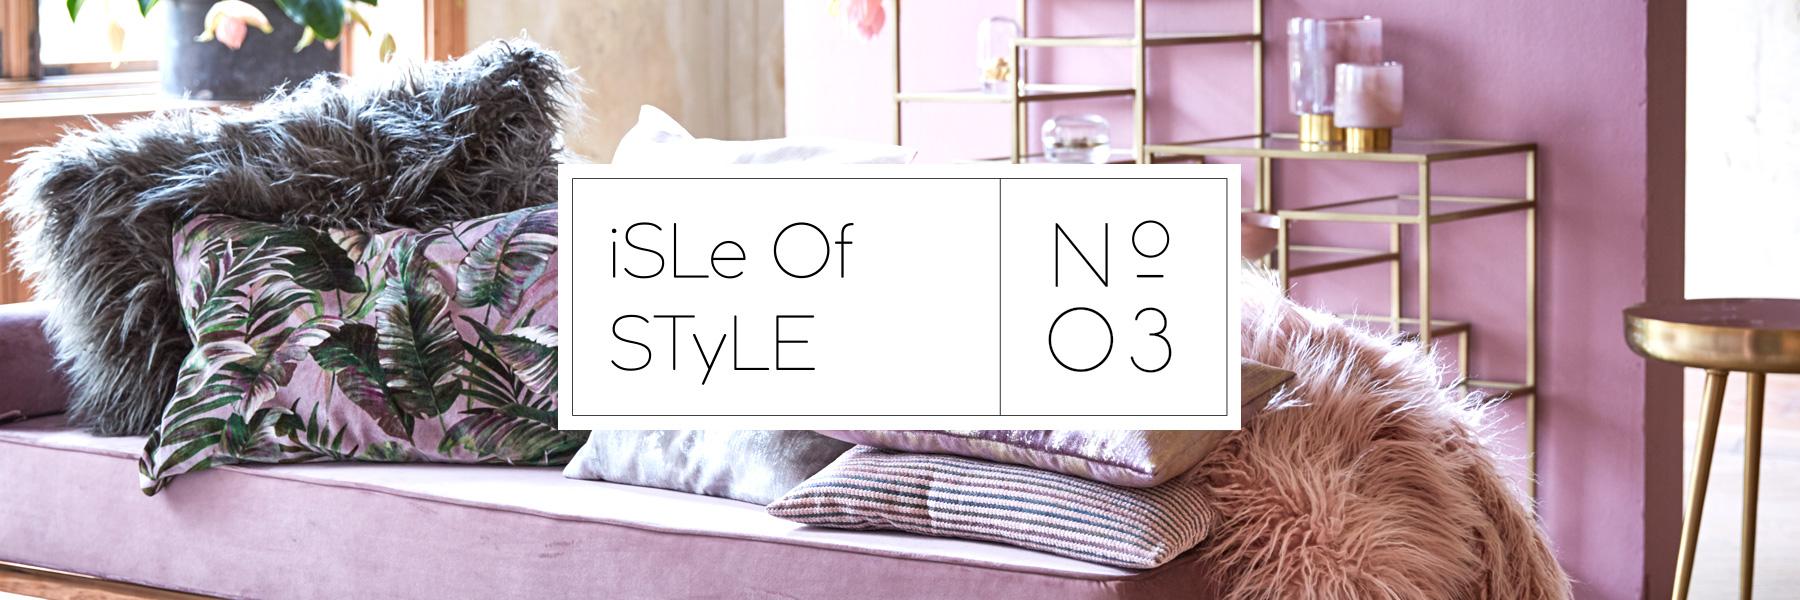 Isle of Style